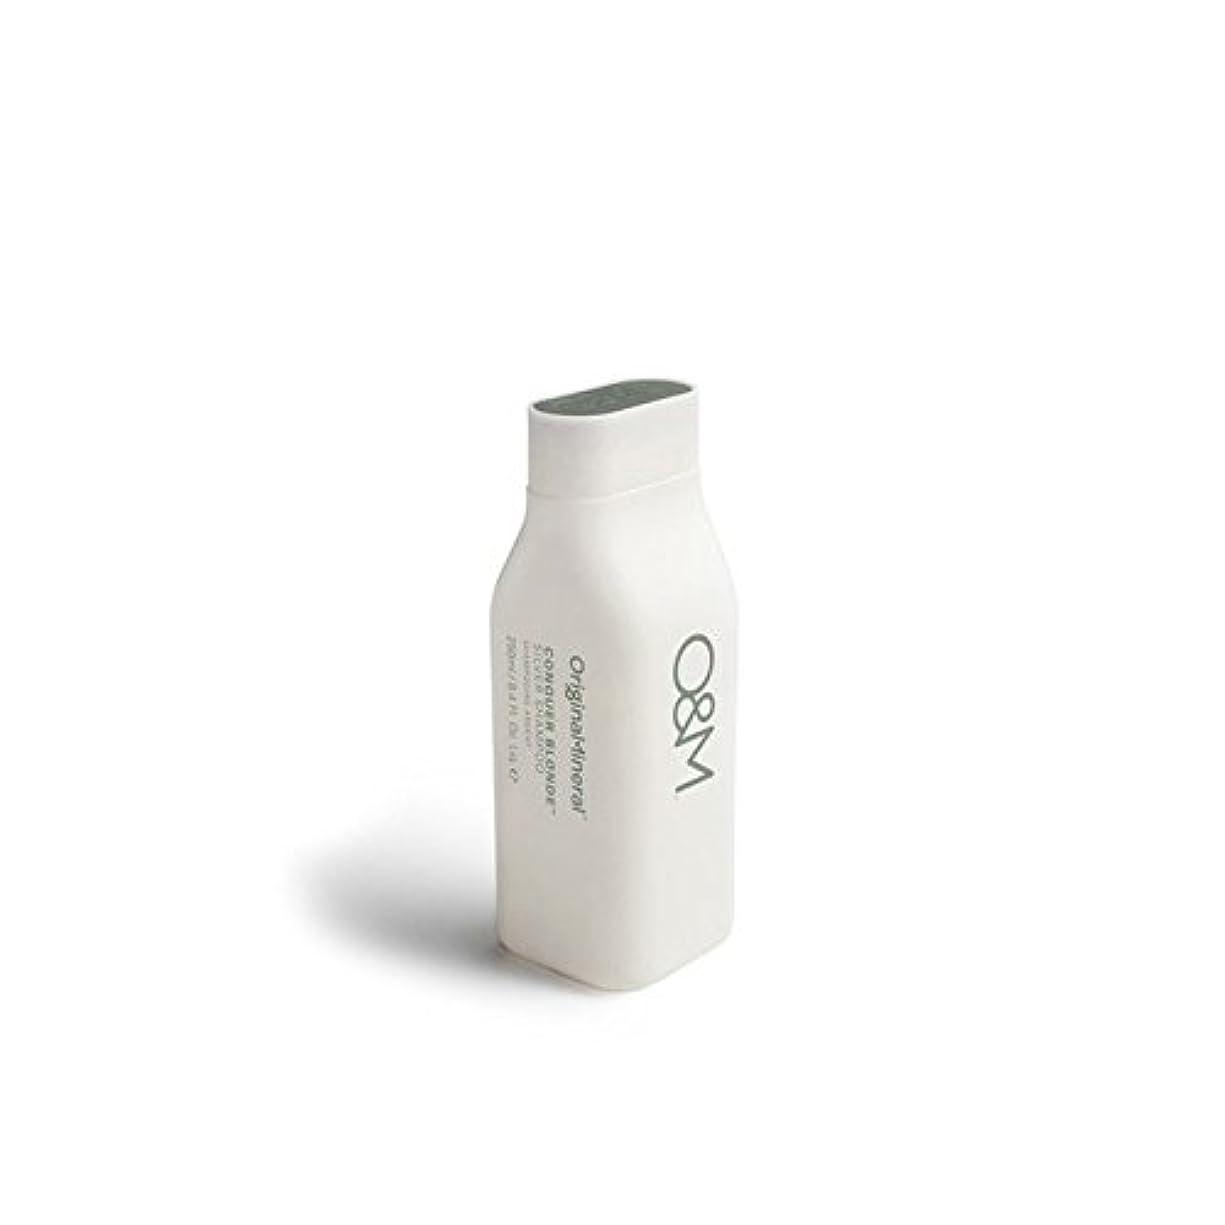 迫害一時停止破産オリジナル&ミネラル統治ブロンド銀シャンプー(250ミリリットル) x4 - Original & Mineral Conquer Blonde Silver Shampoo (250ml) (Pack of 4) [並行輸入品]